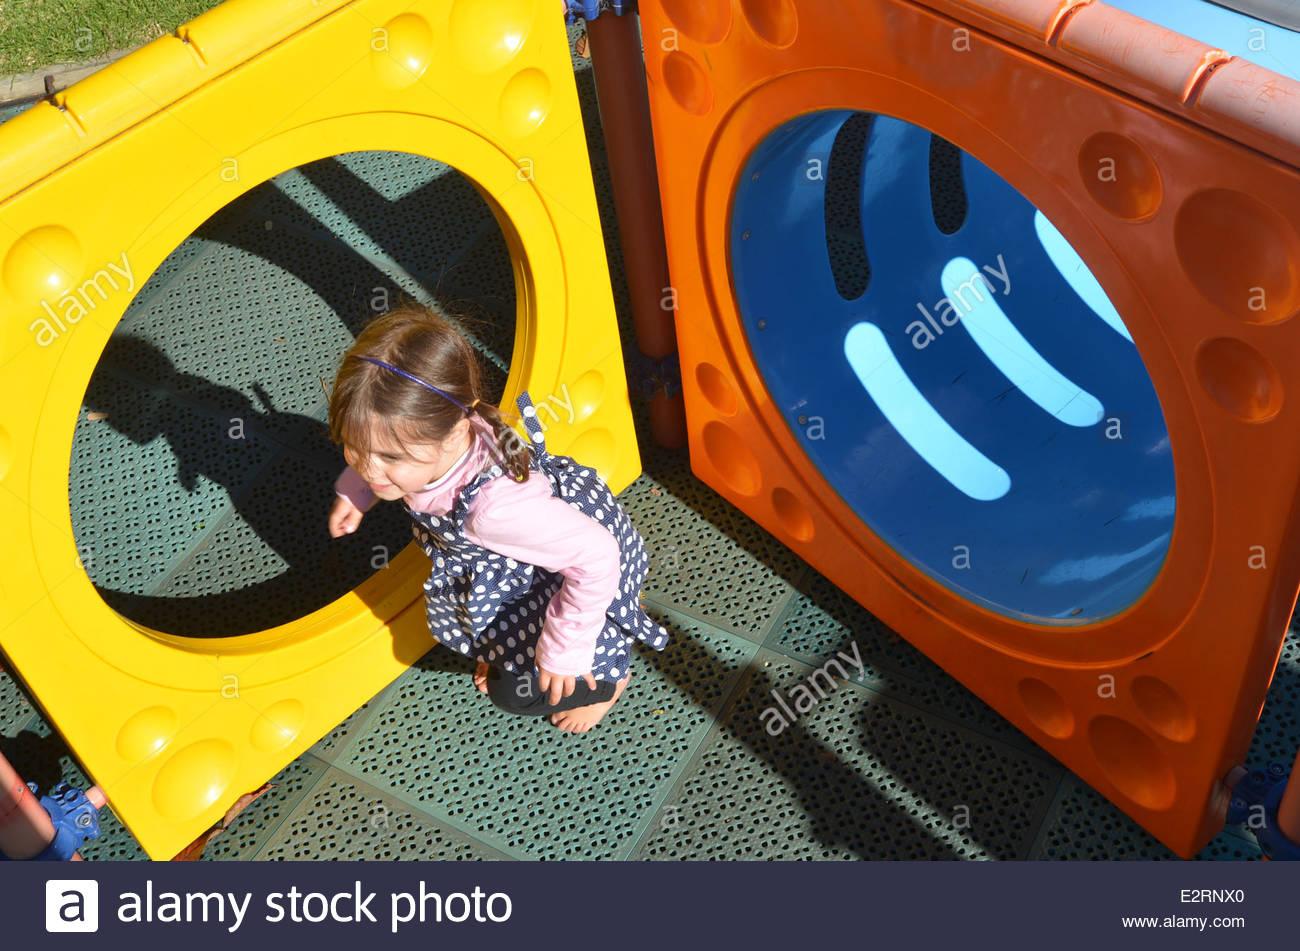 Petite Fille Jouer Dans L'aire De Jeux Pour Enfants Moderne destiné Jeux Pour Petite Fille